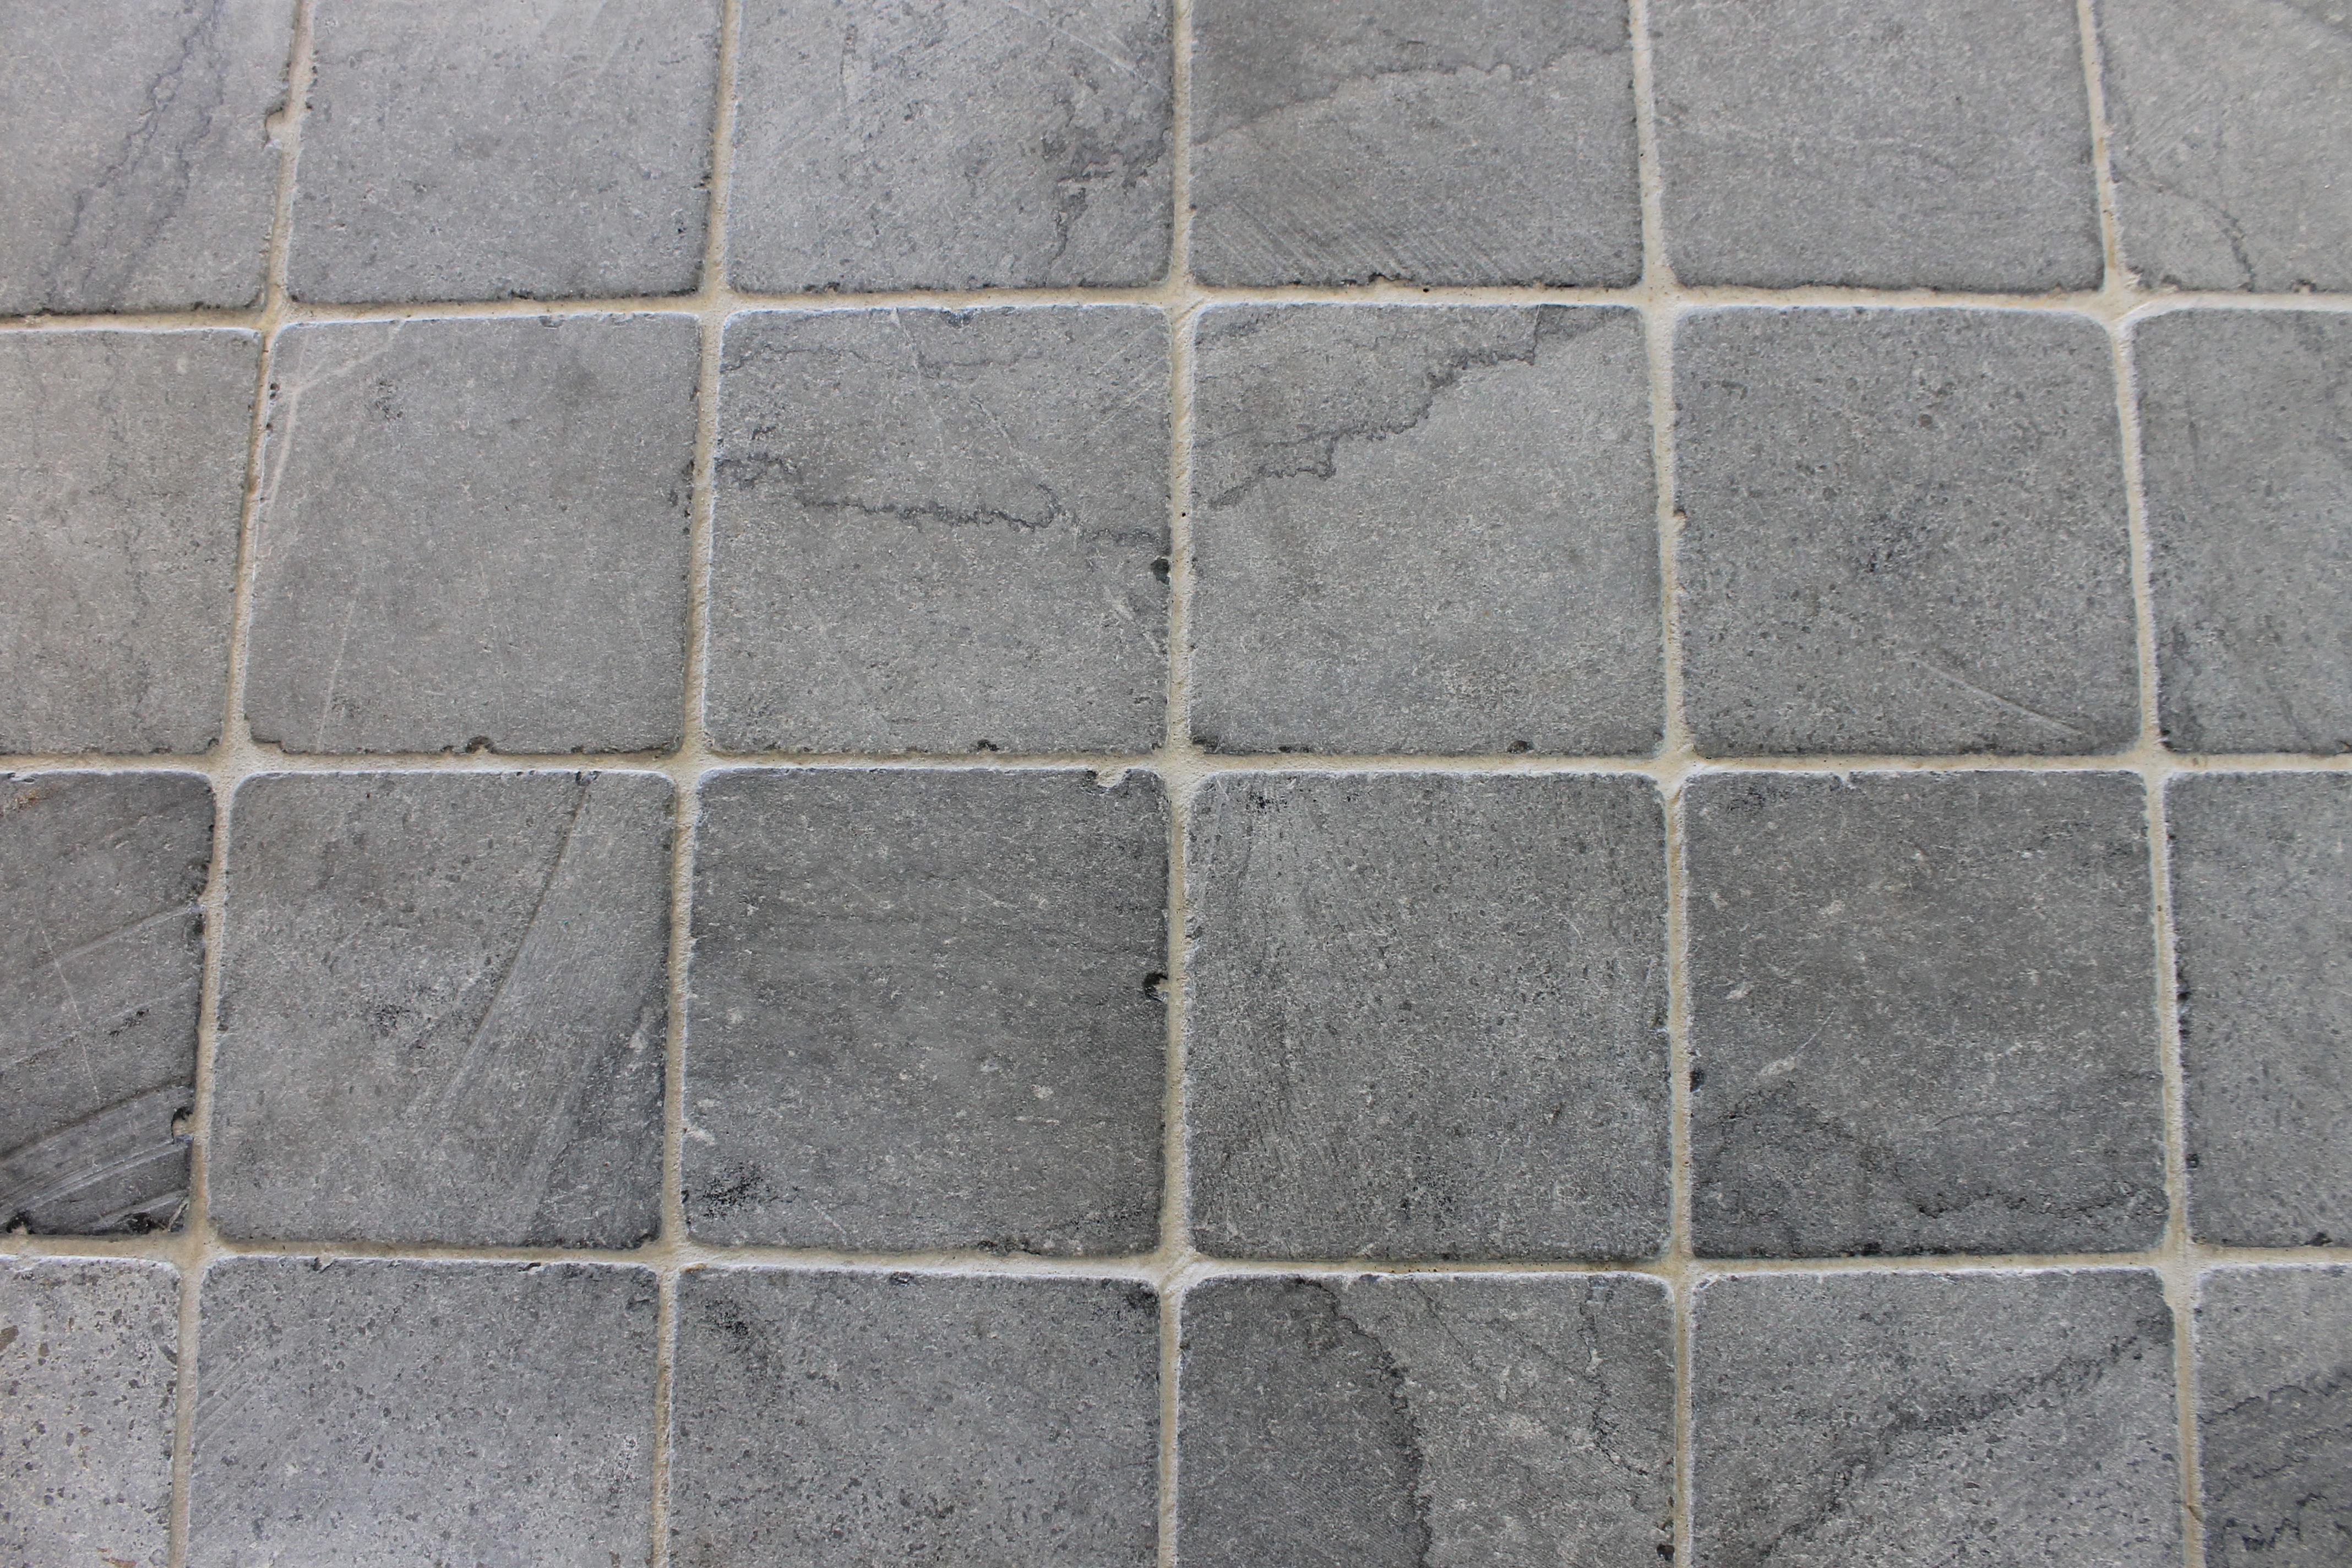 Natuursteen tegel vietnamees hardsteen bq grof geschuurd en